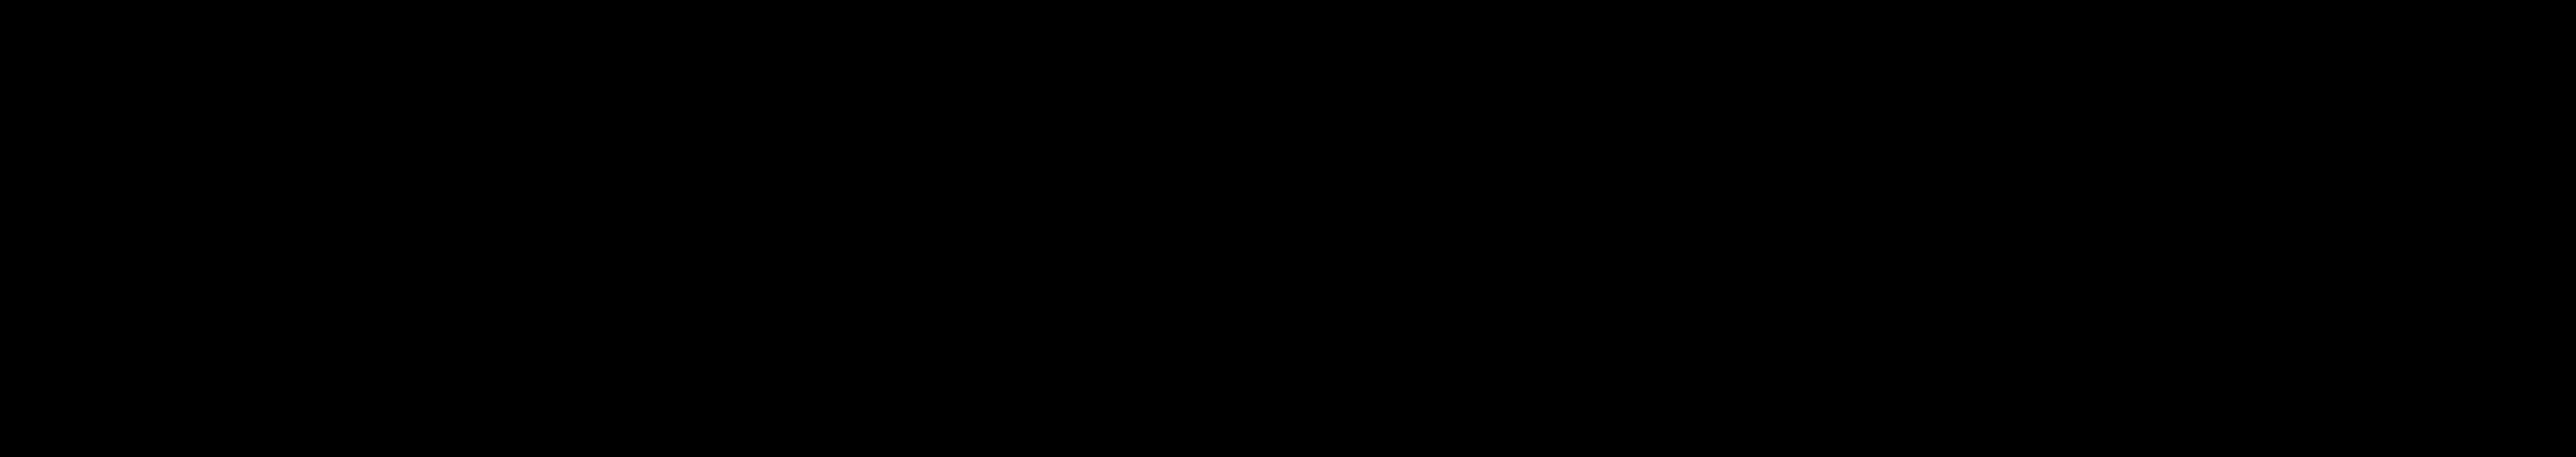 nespresso logo 2 - Nespresso Logo